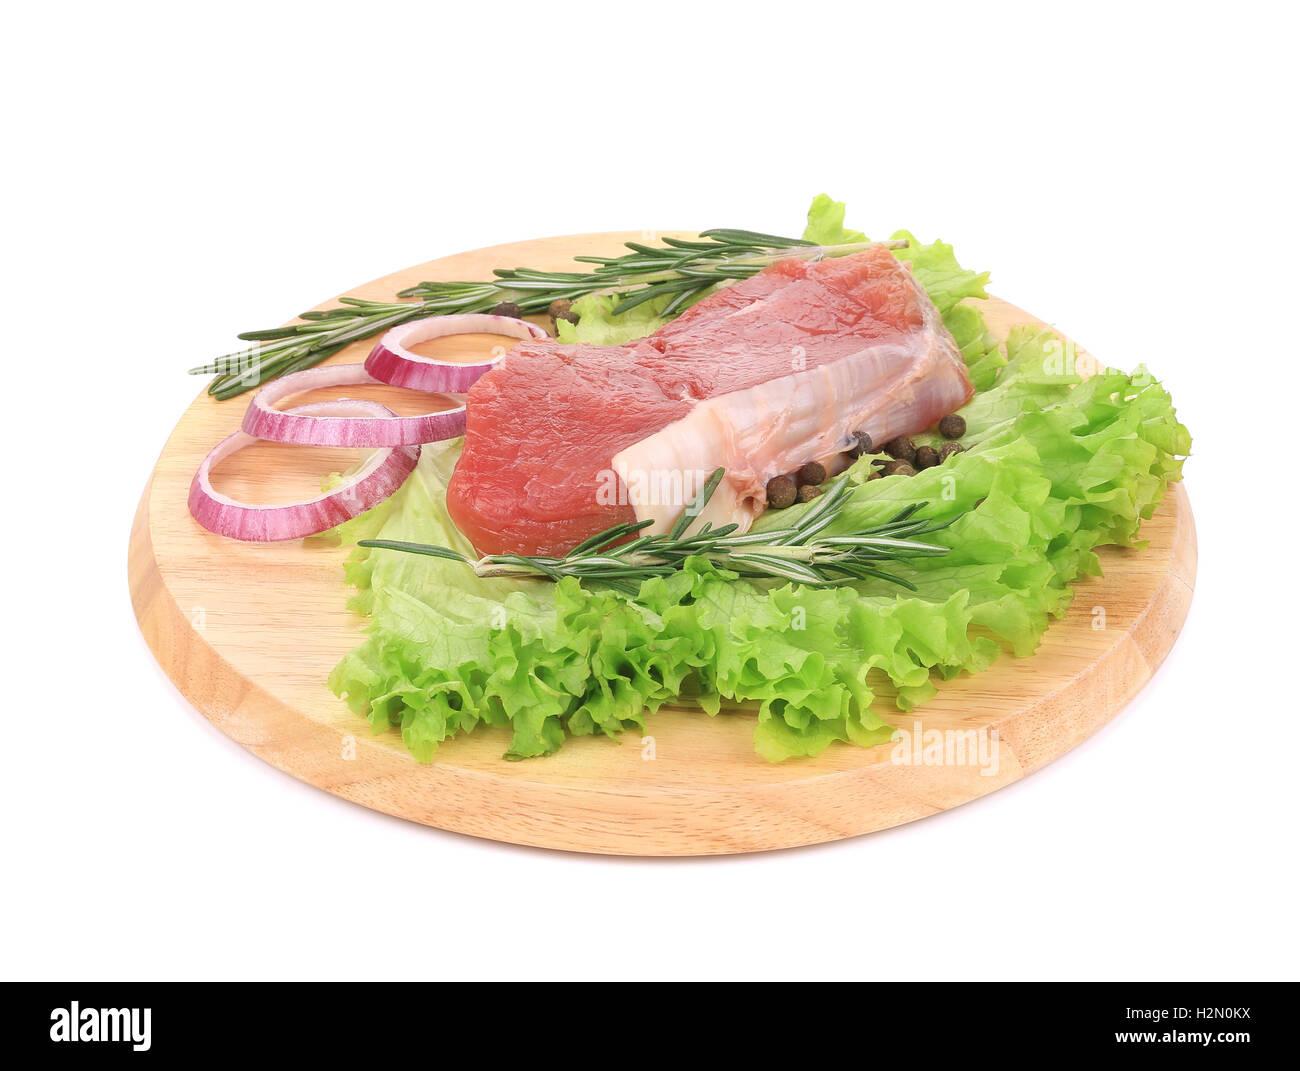 Bistecca di manzo crudo sul piatto da portata. Foto Stock